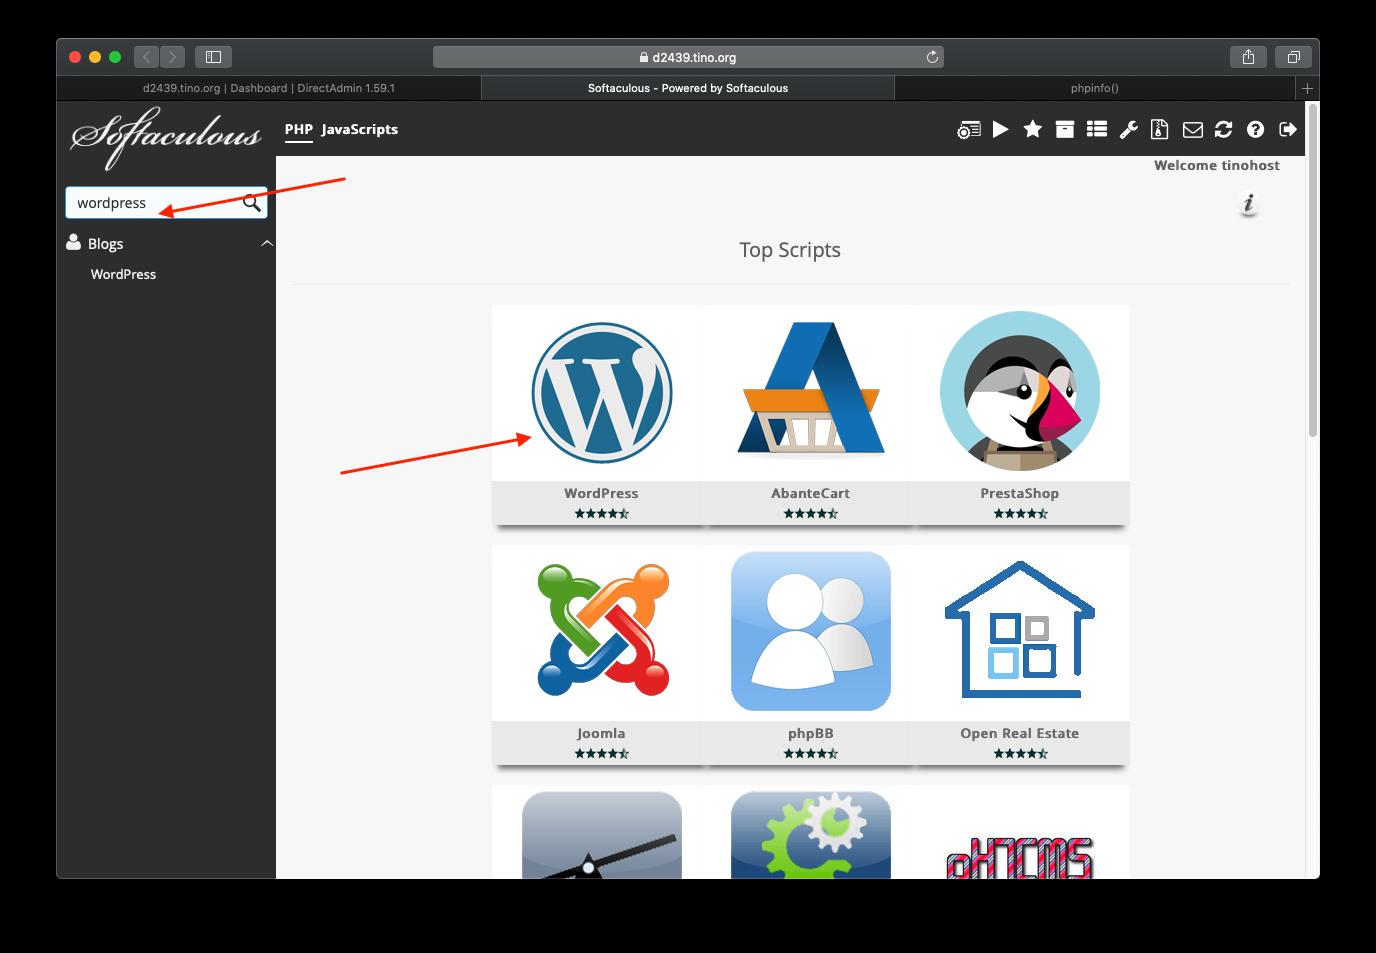 [DirectAdmin] - Hướng dẫn cài đặt Wordpress nhanh chóng trên hosting Directadmin 11